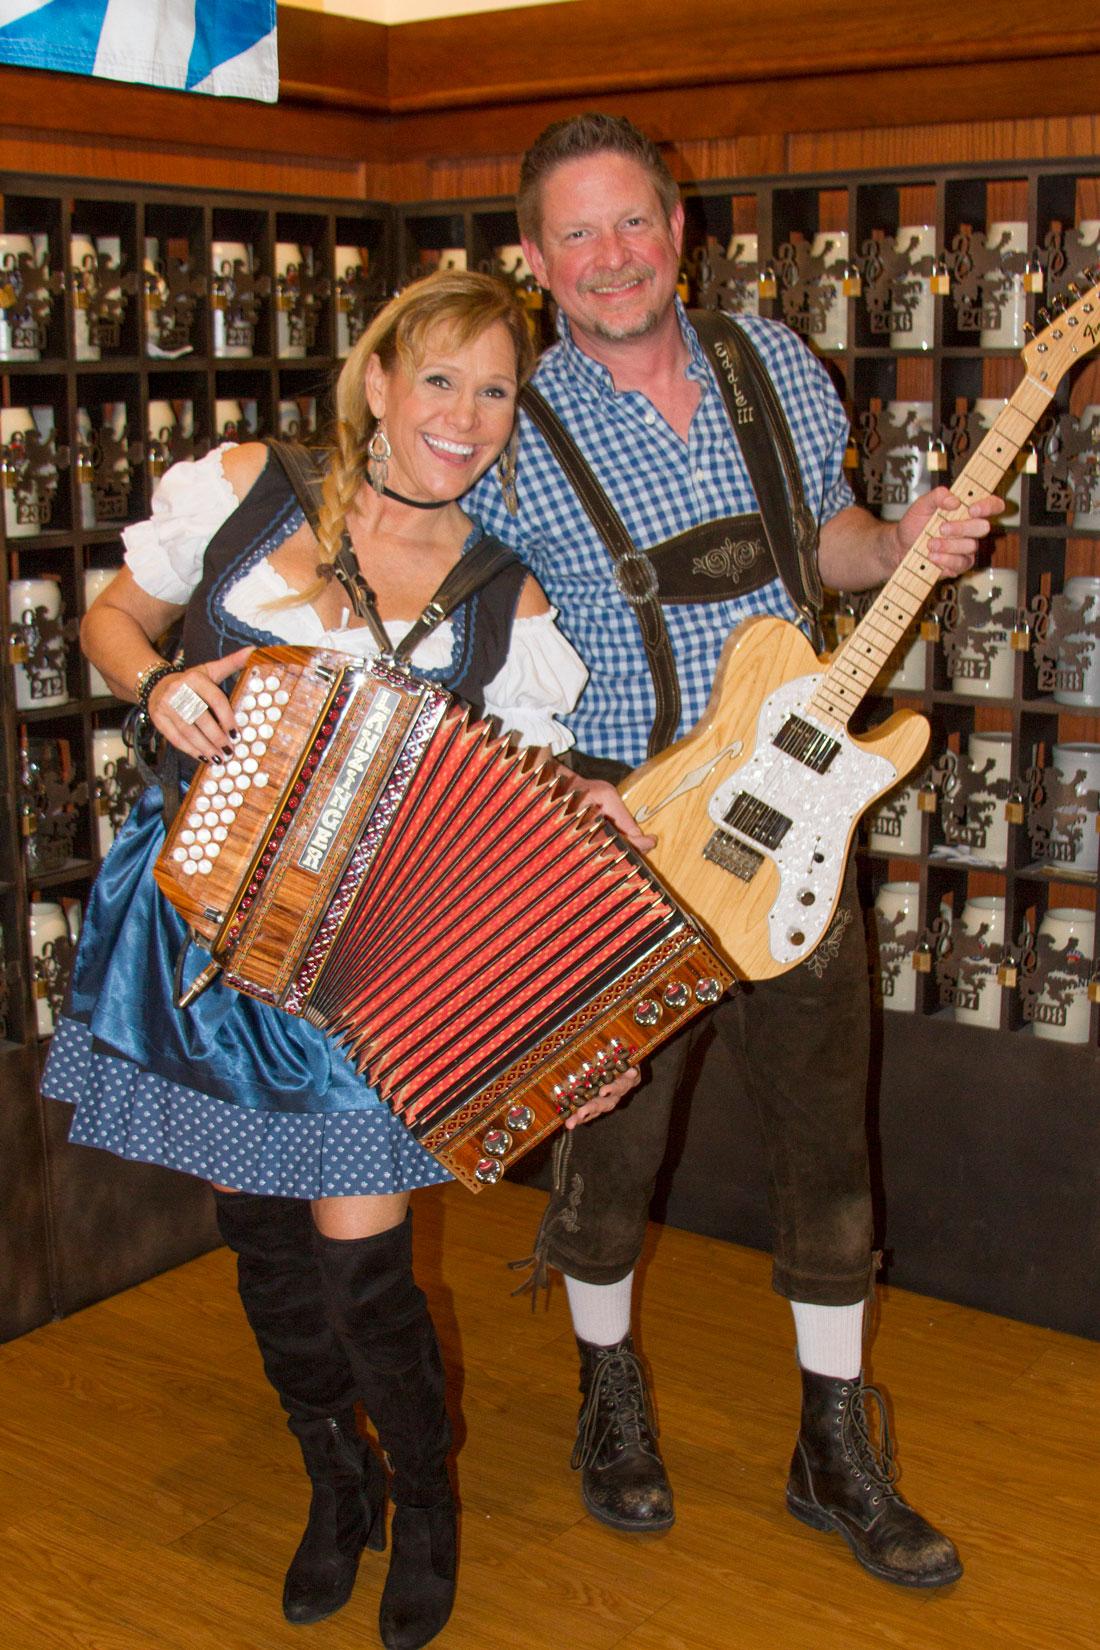 Heidelberg_Helen_German_Restaurant_Oktoberfest_Live_Music_LynnMarie_E3.jpg